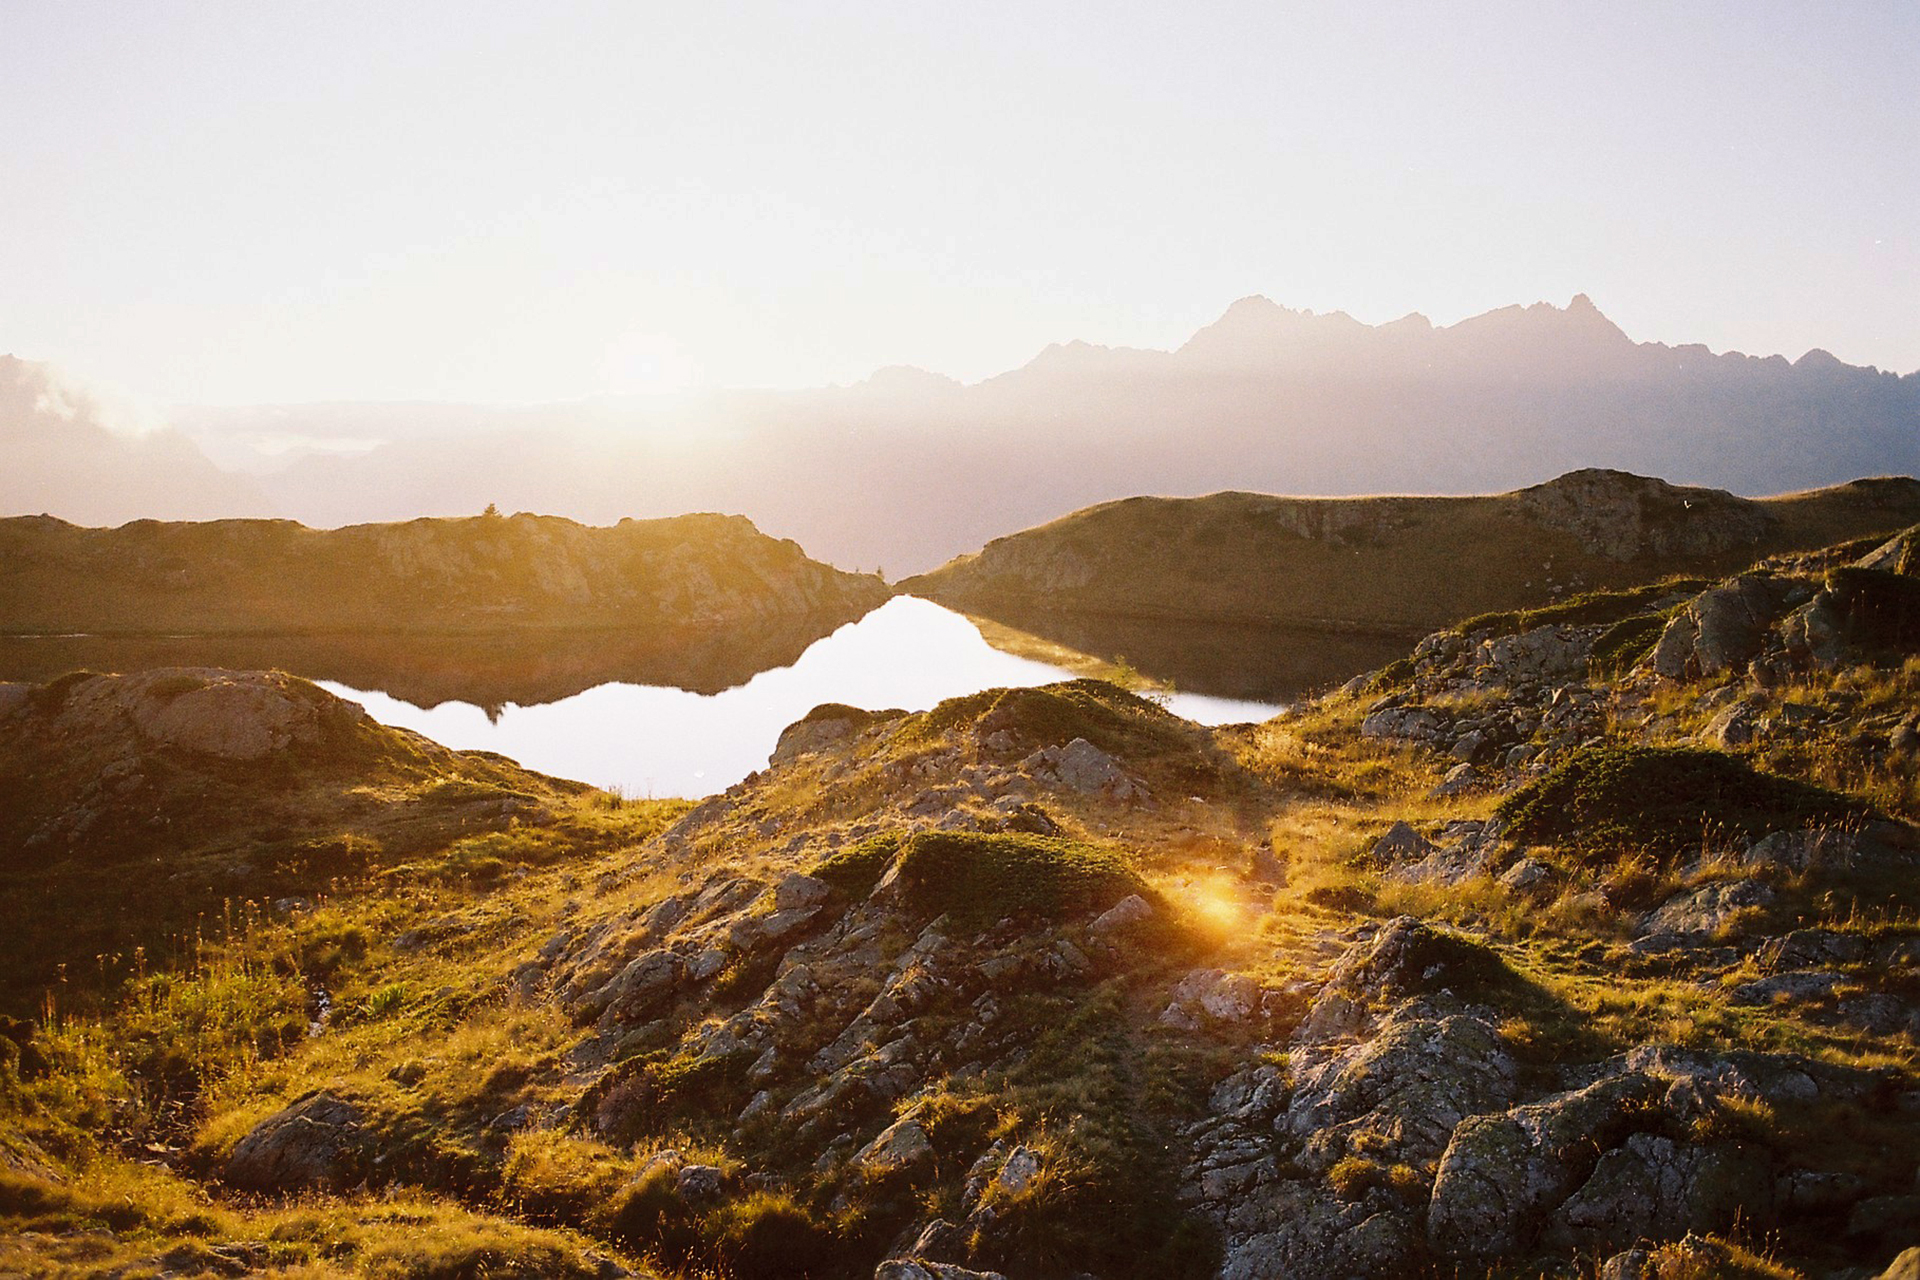 Les petits lacs de l'Alpe d'Huez